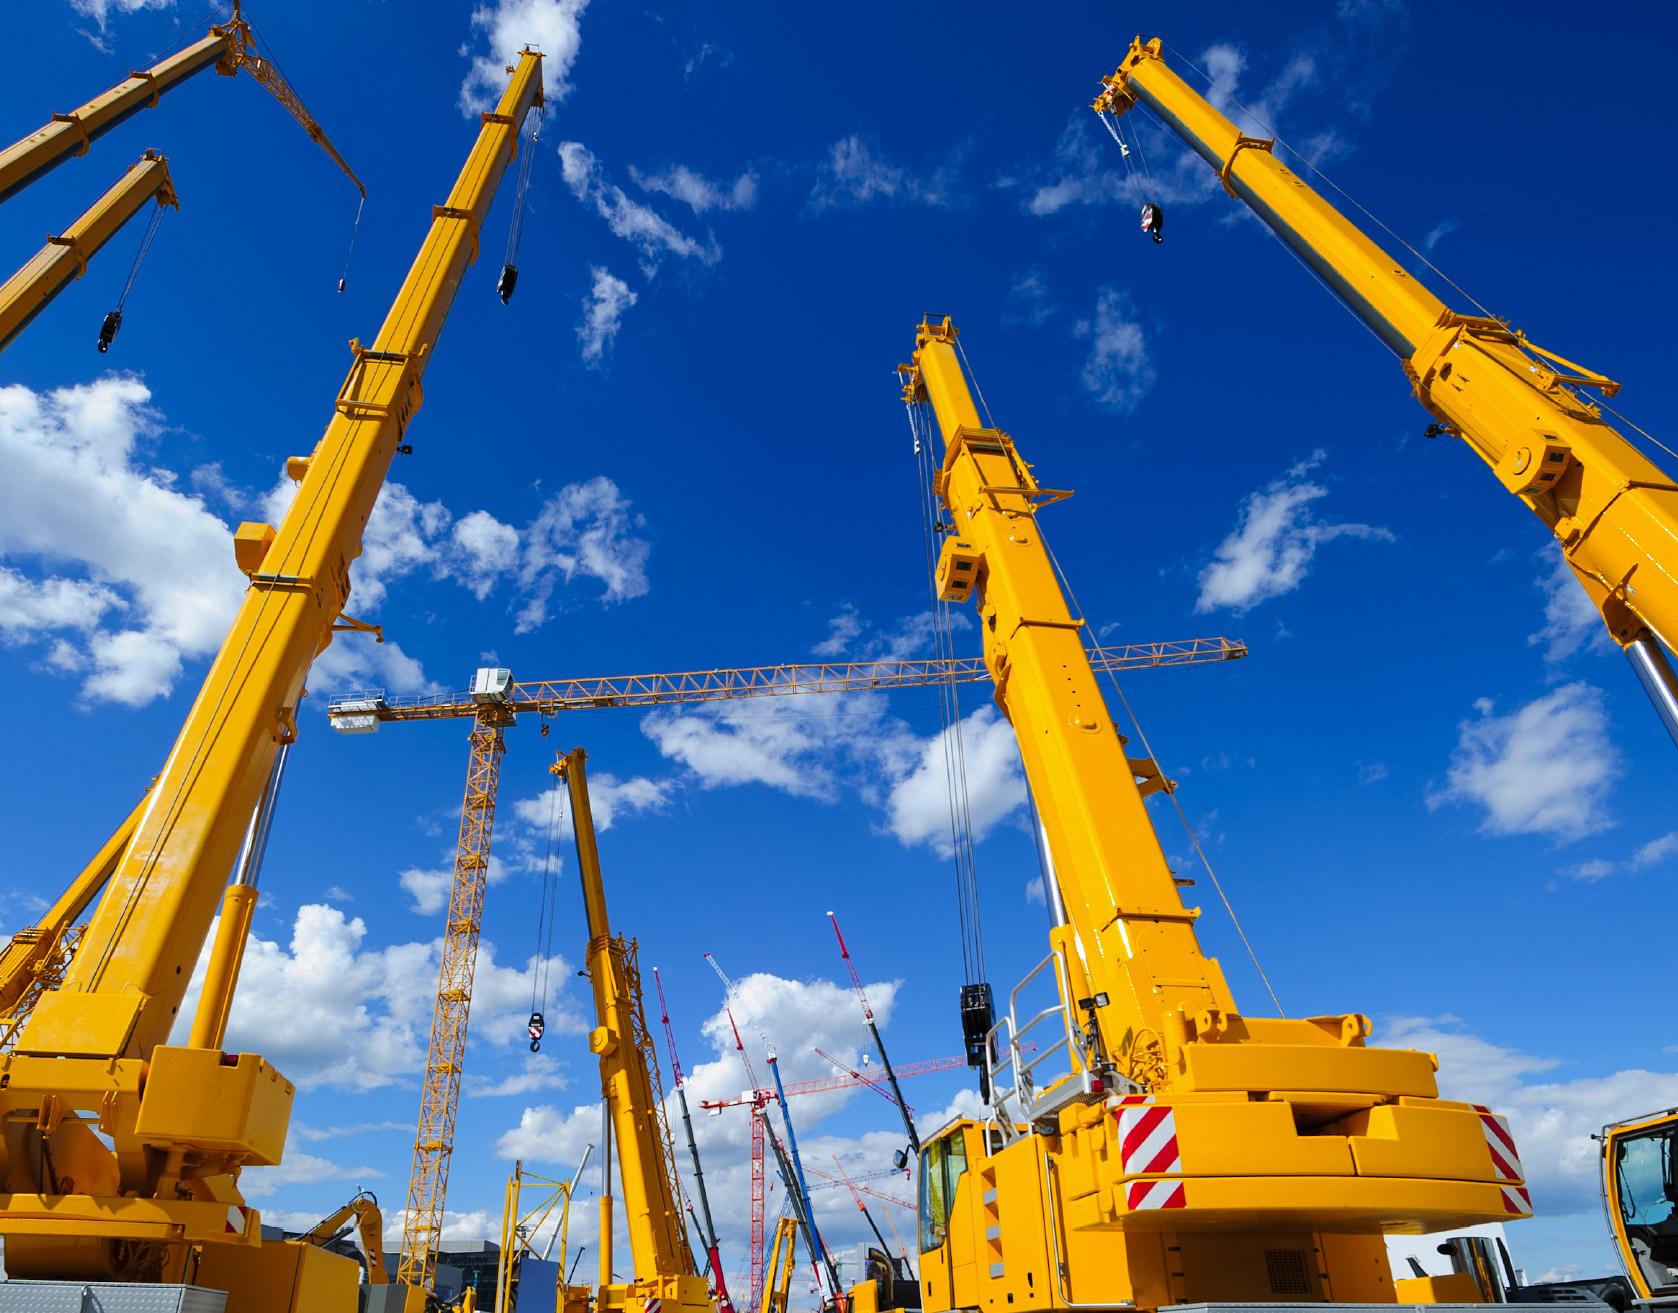 Levage et manutention : Sotrama réalise tout vos chantiers naval, industrie, pétrochimie, travaux publics, agroalimentaire.